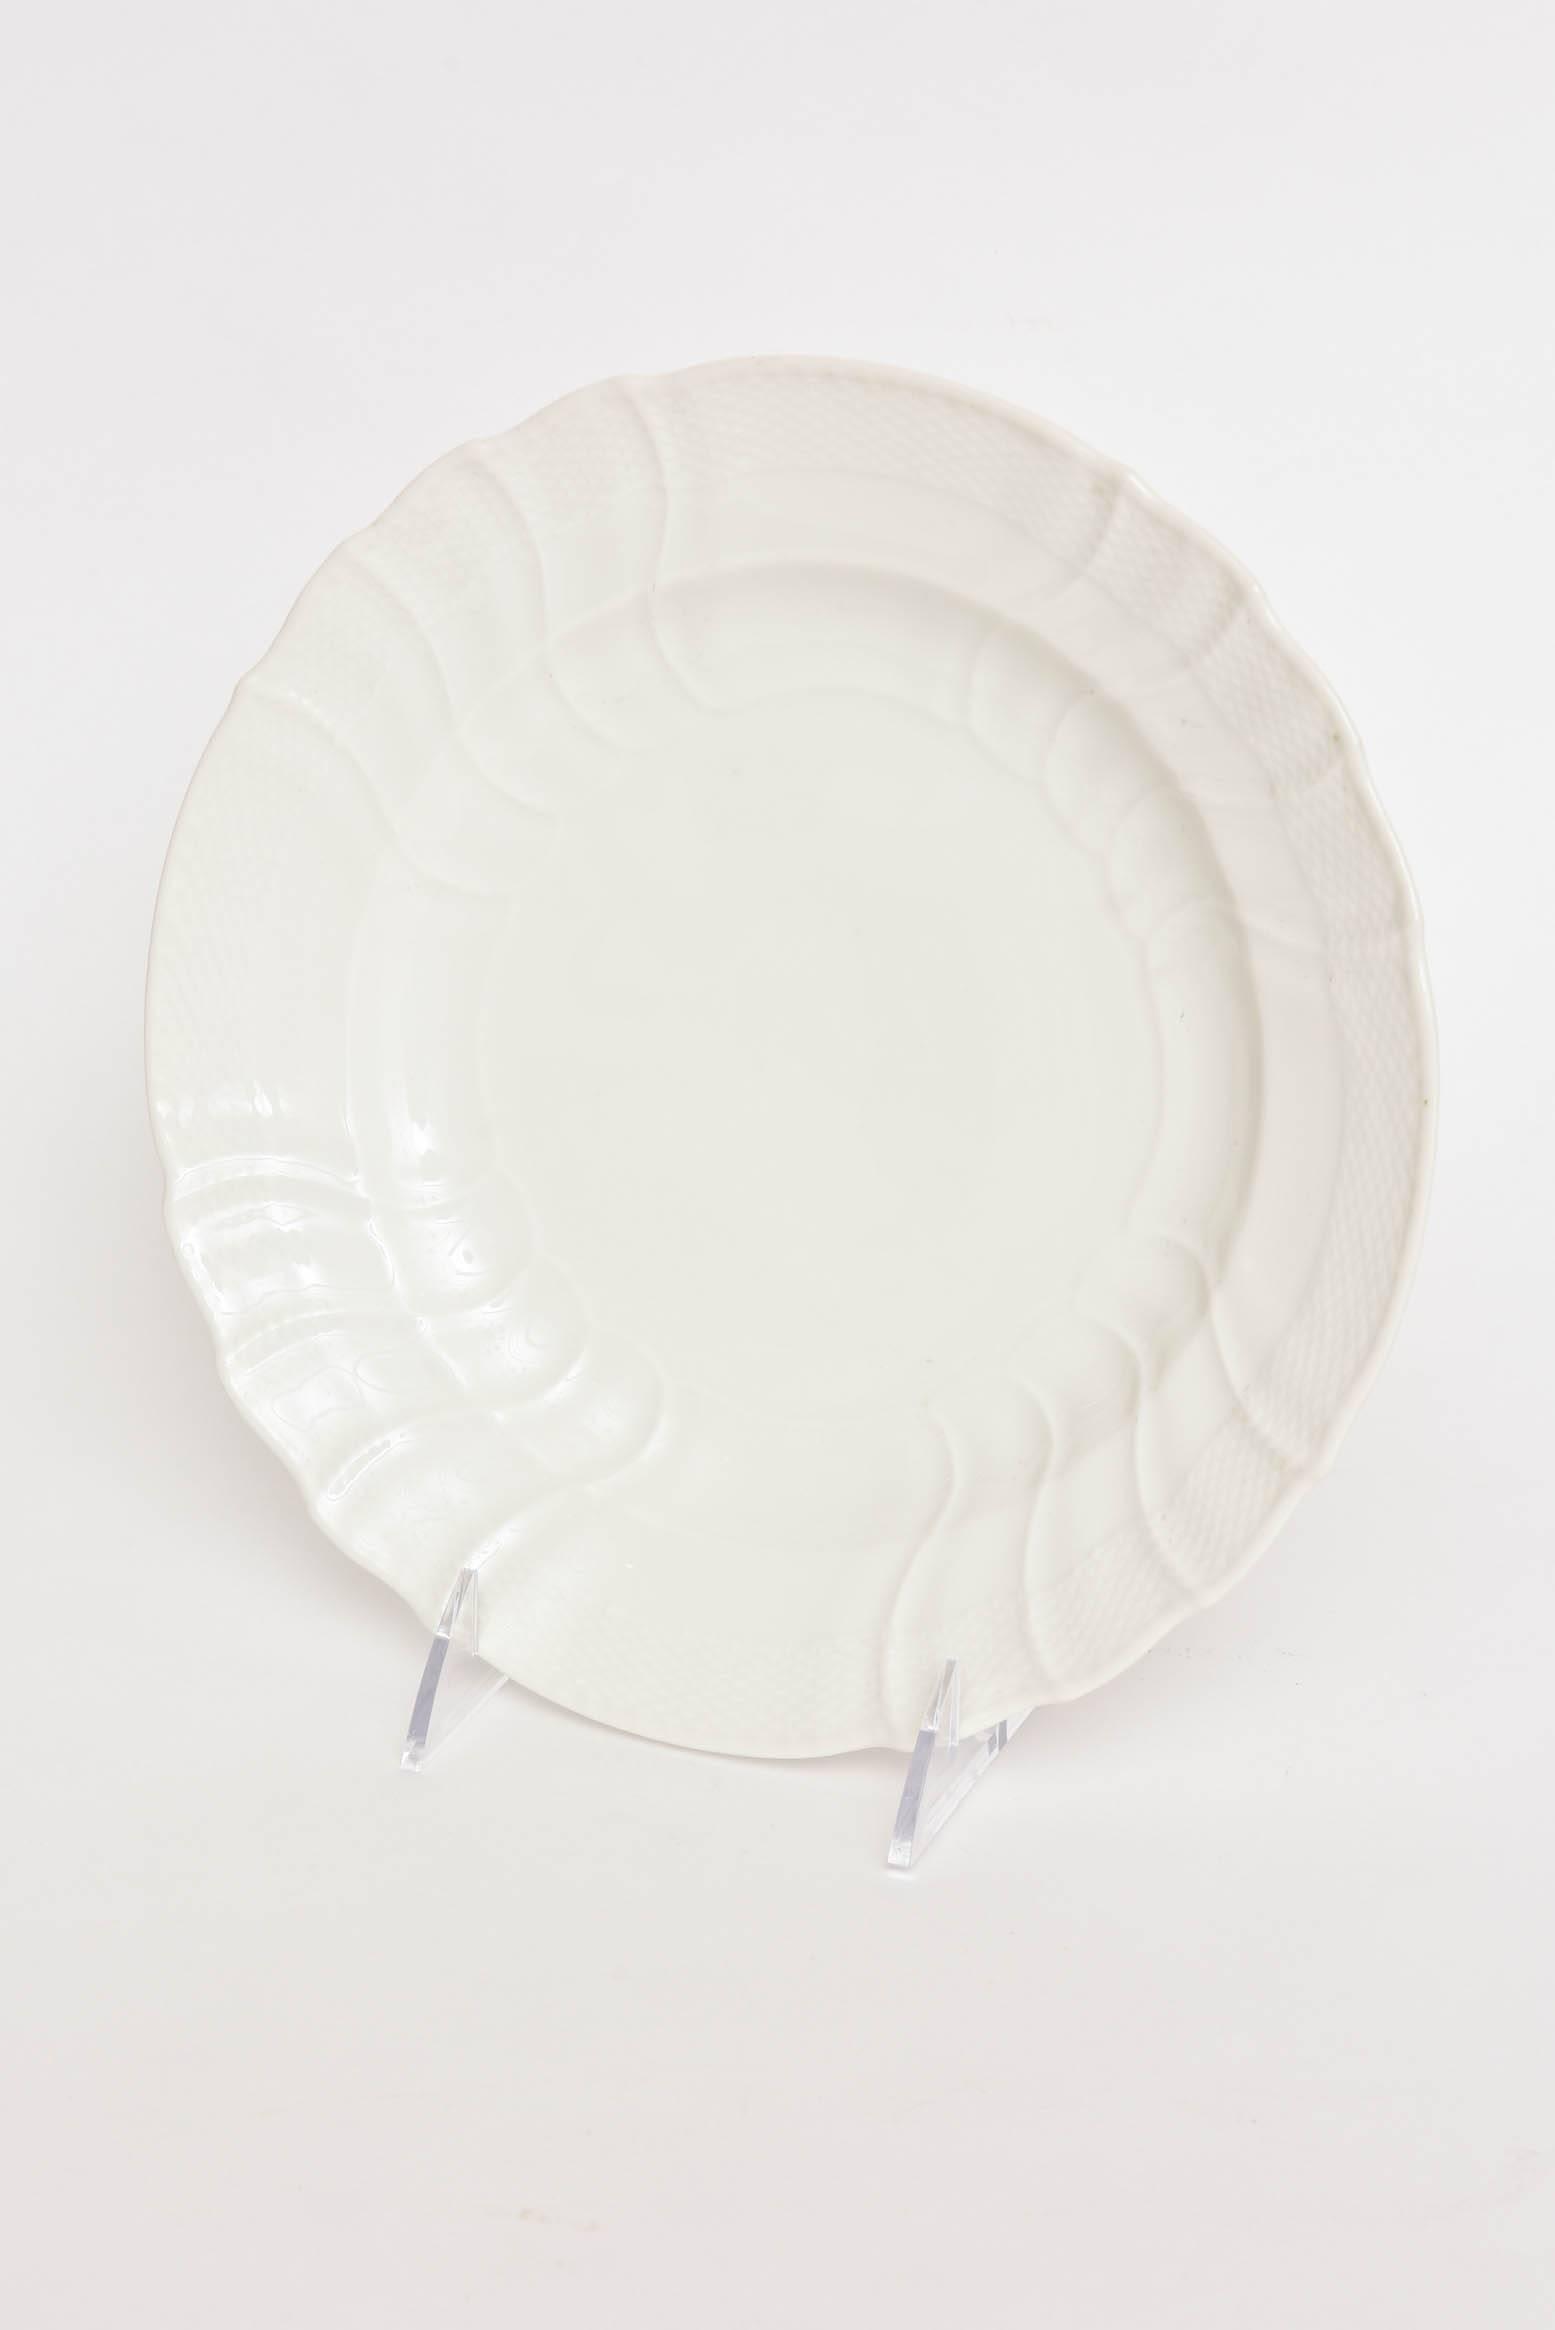 An elegant set of last quarter of the 19th century crisp all white dinner plates. & 12 Dinner Plates Antique Berlin All White Blanc De Chine Basket ...